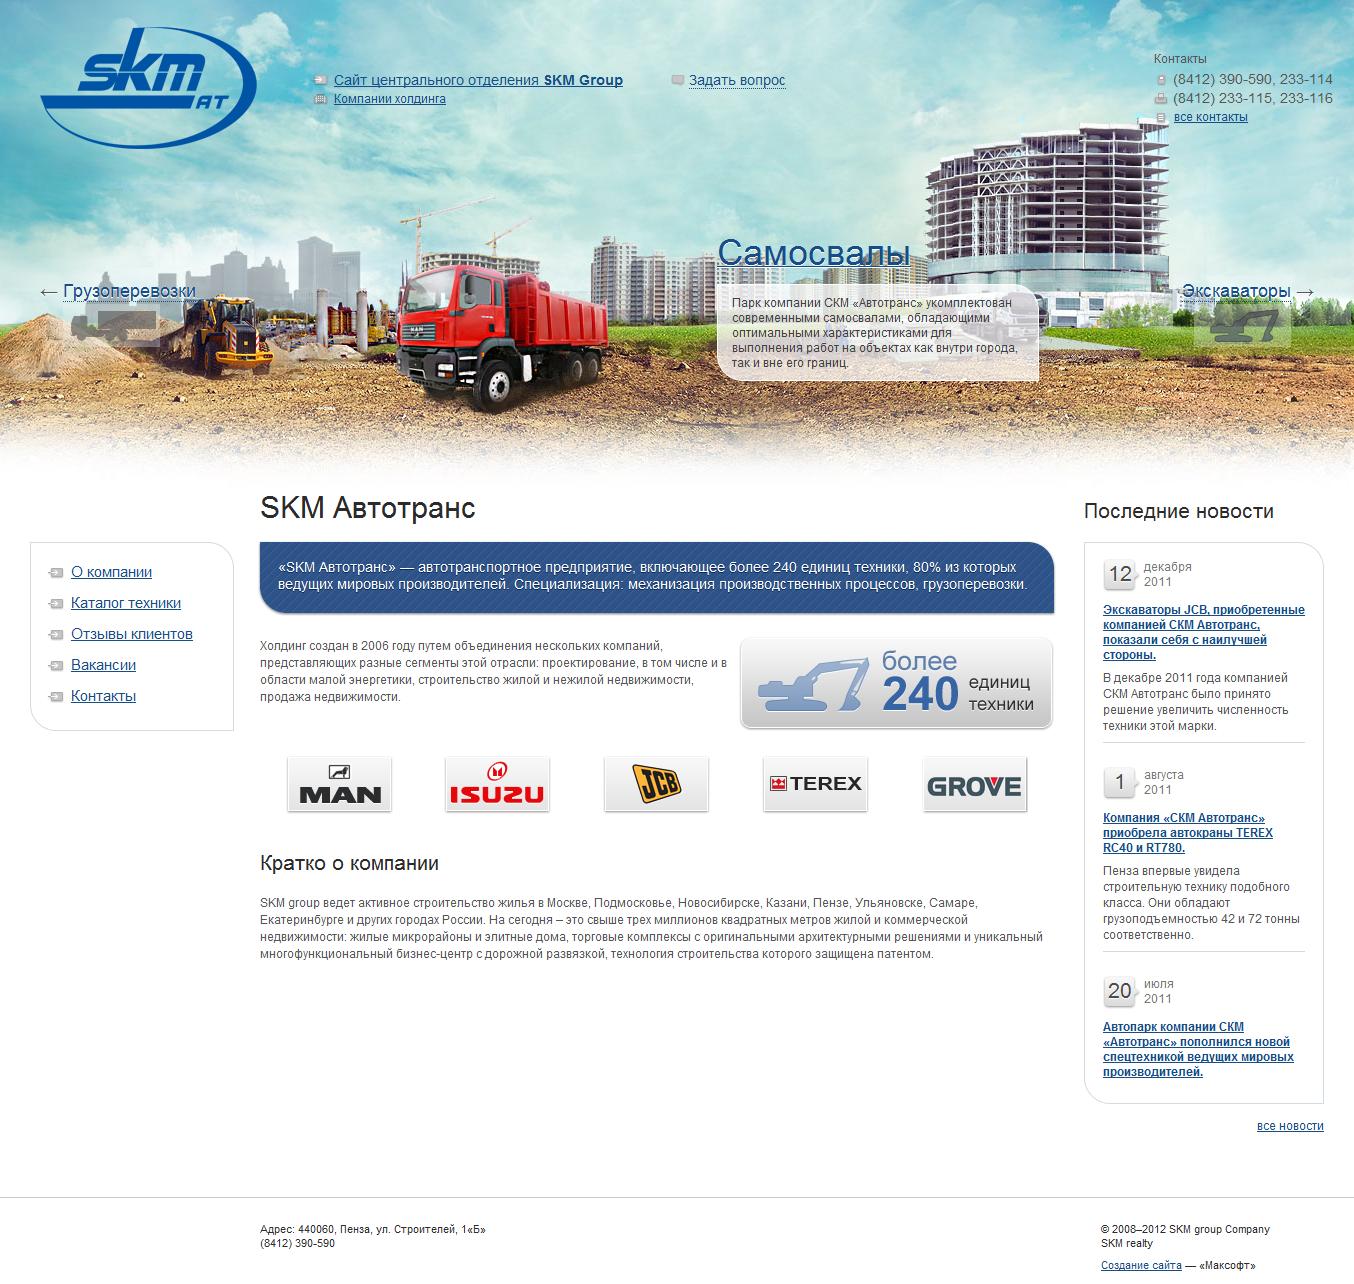 «SKM Автотранс» — автотранспортное предприятие группы компаний «SKM Group»